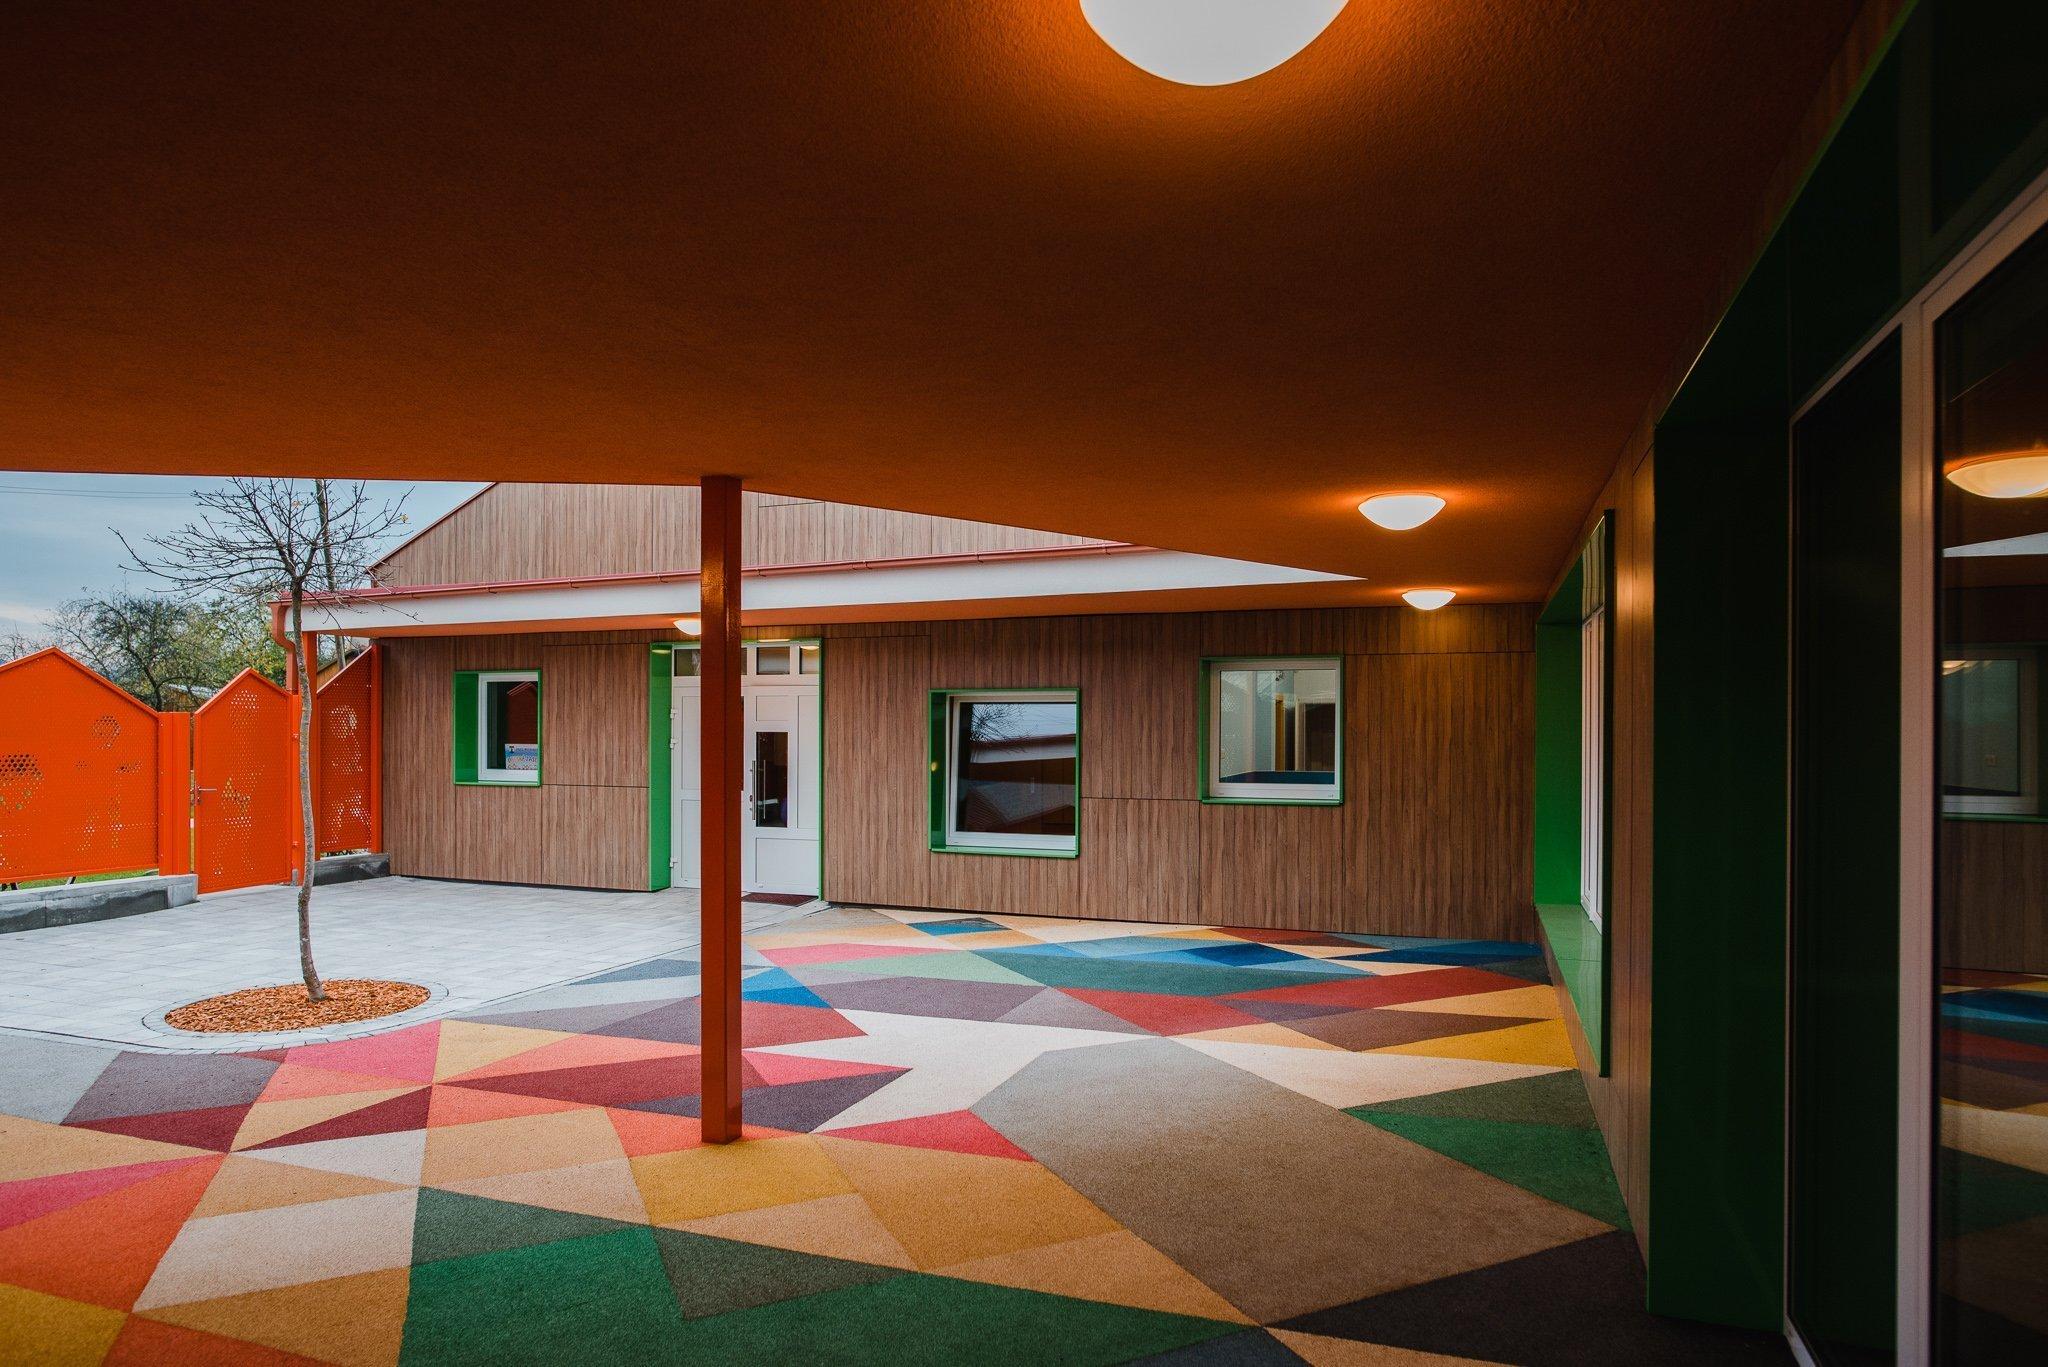 Máme veľkú radosť, že projekt novostavby detských jaslí v obci Predmier, okres Bytča dosiahol svoju reálnu podobu. Nahliadnite do čistých a útulných priestorov…